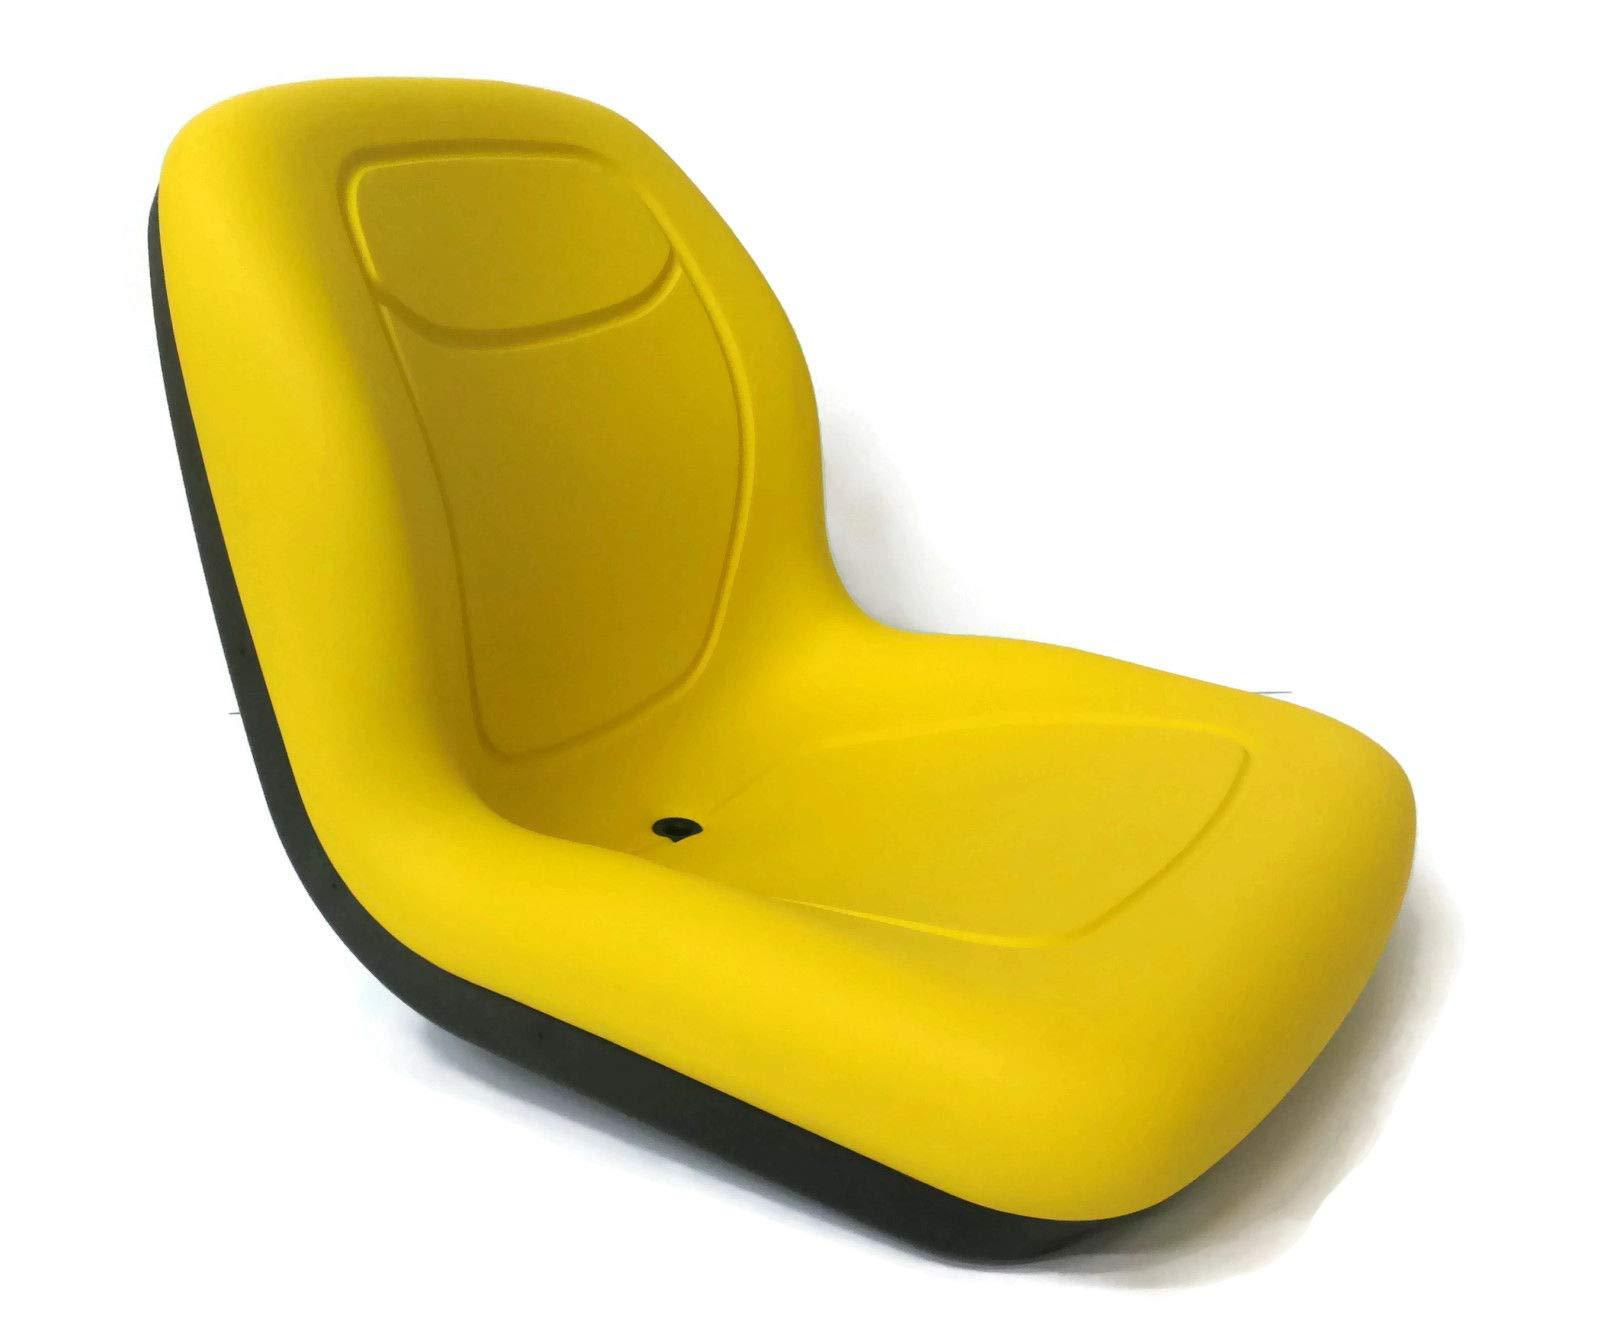 MILSCO SEAT John Deere GX255,GX325,GX335,GX345,GX355,LX266.LX277,LX279,LX280,LX288#BN